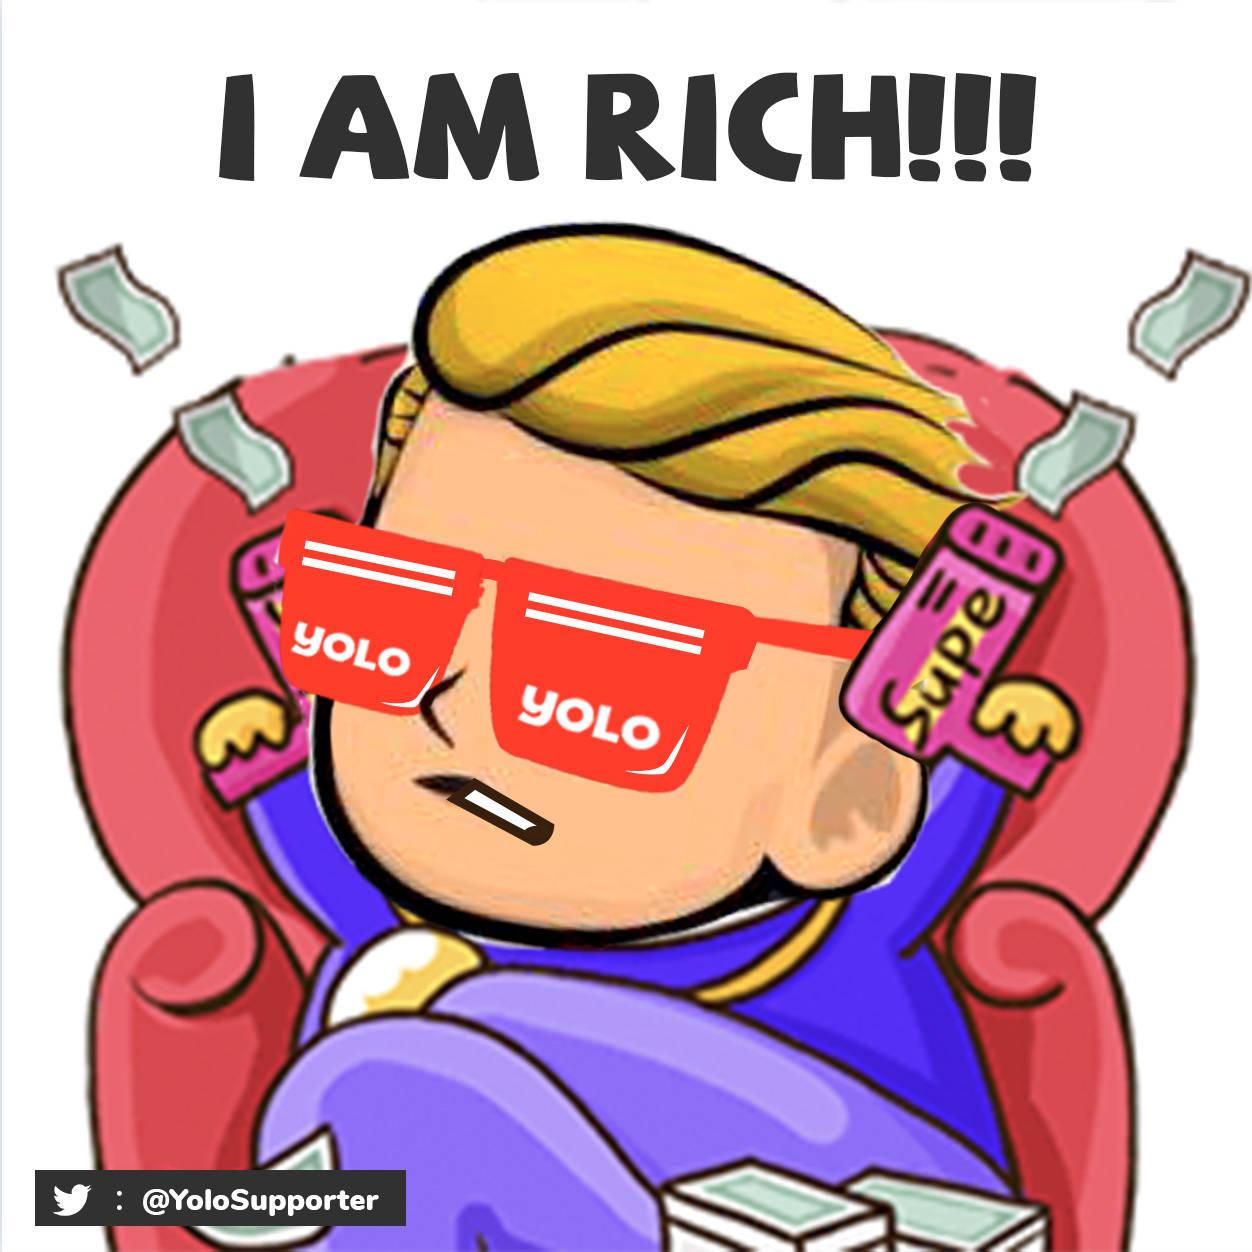 I am rich.jpg